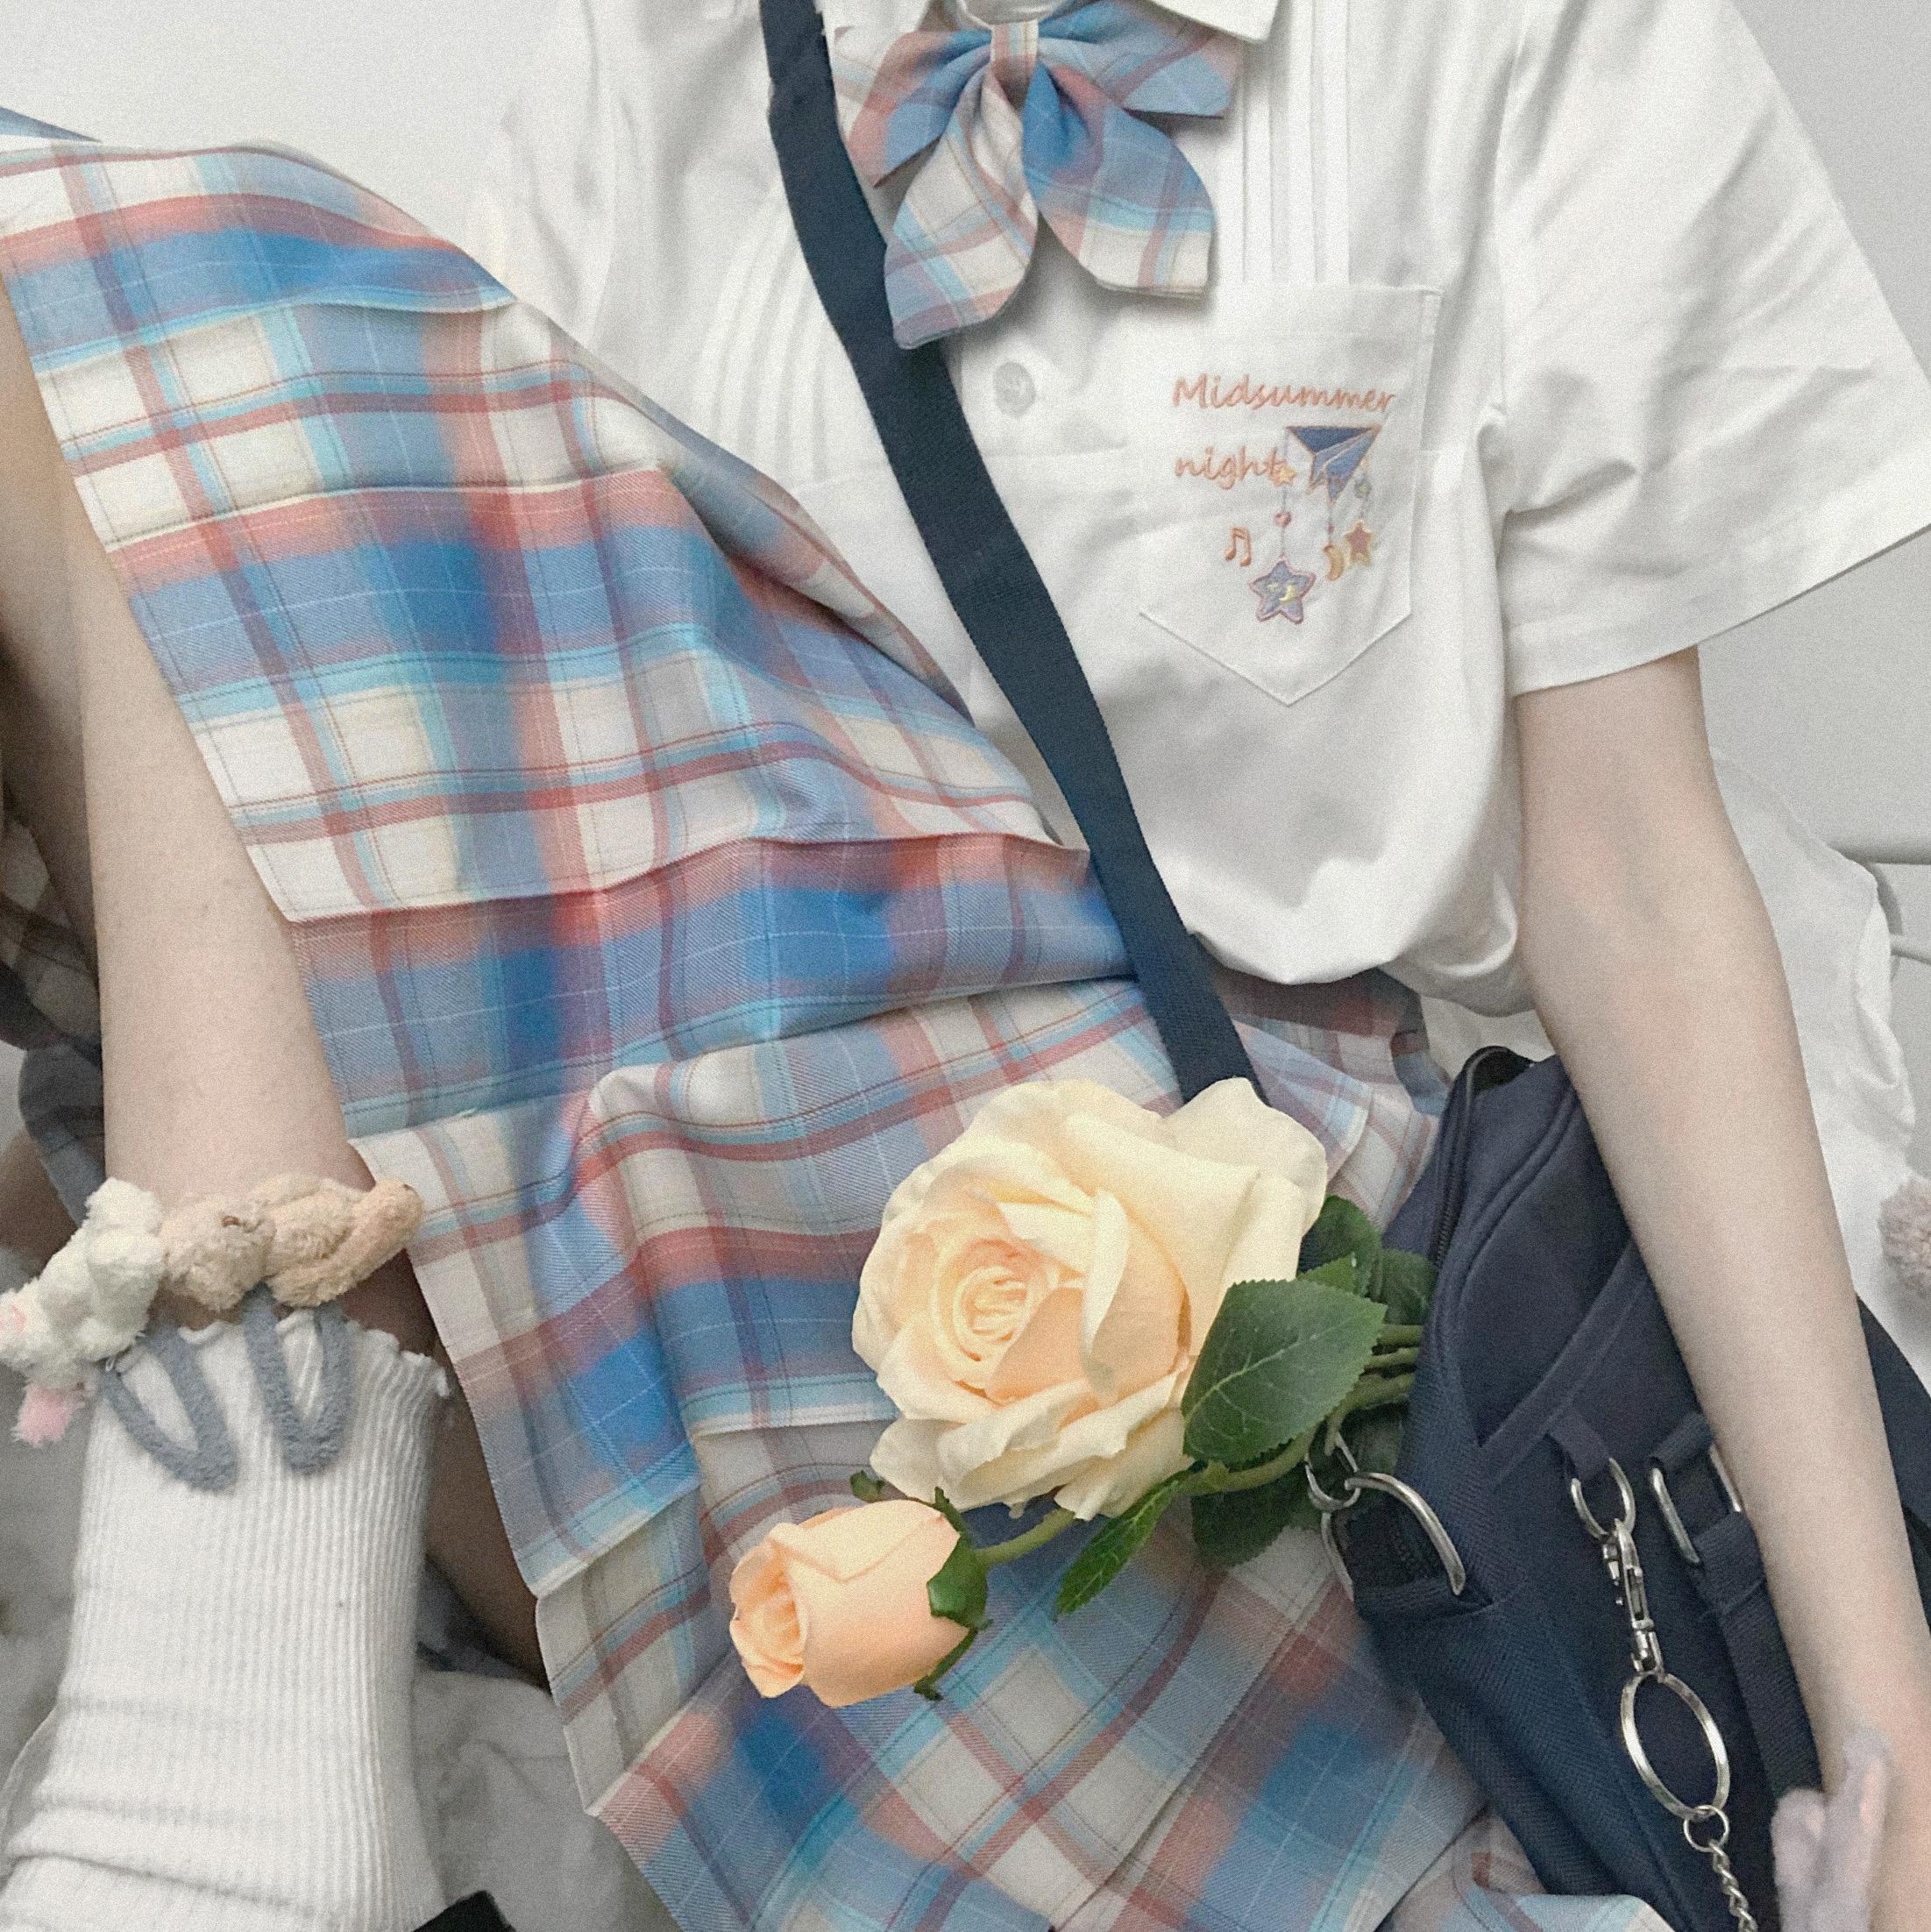 [midsummer night wear] original plaid skirt JK girl pleated skirt by green Zhisen+